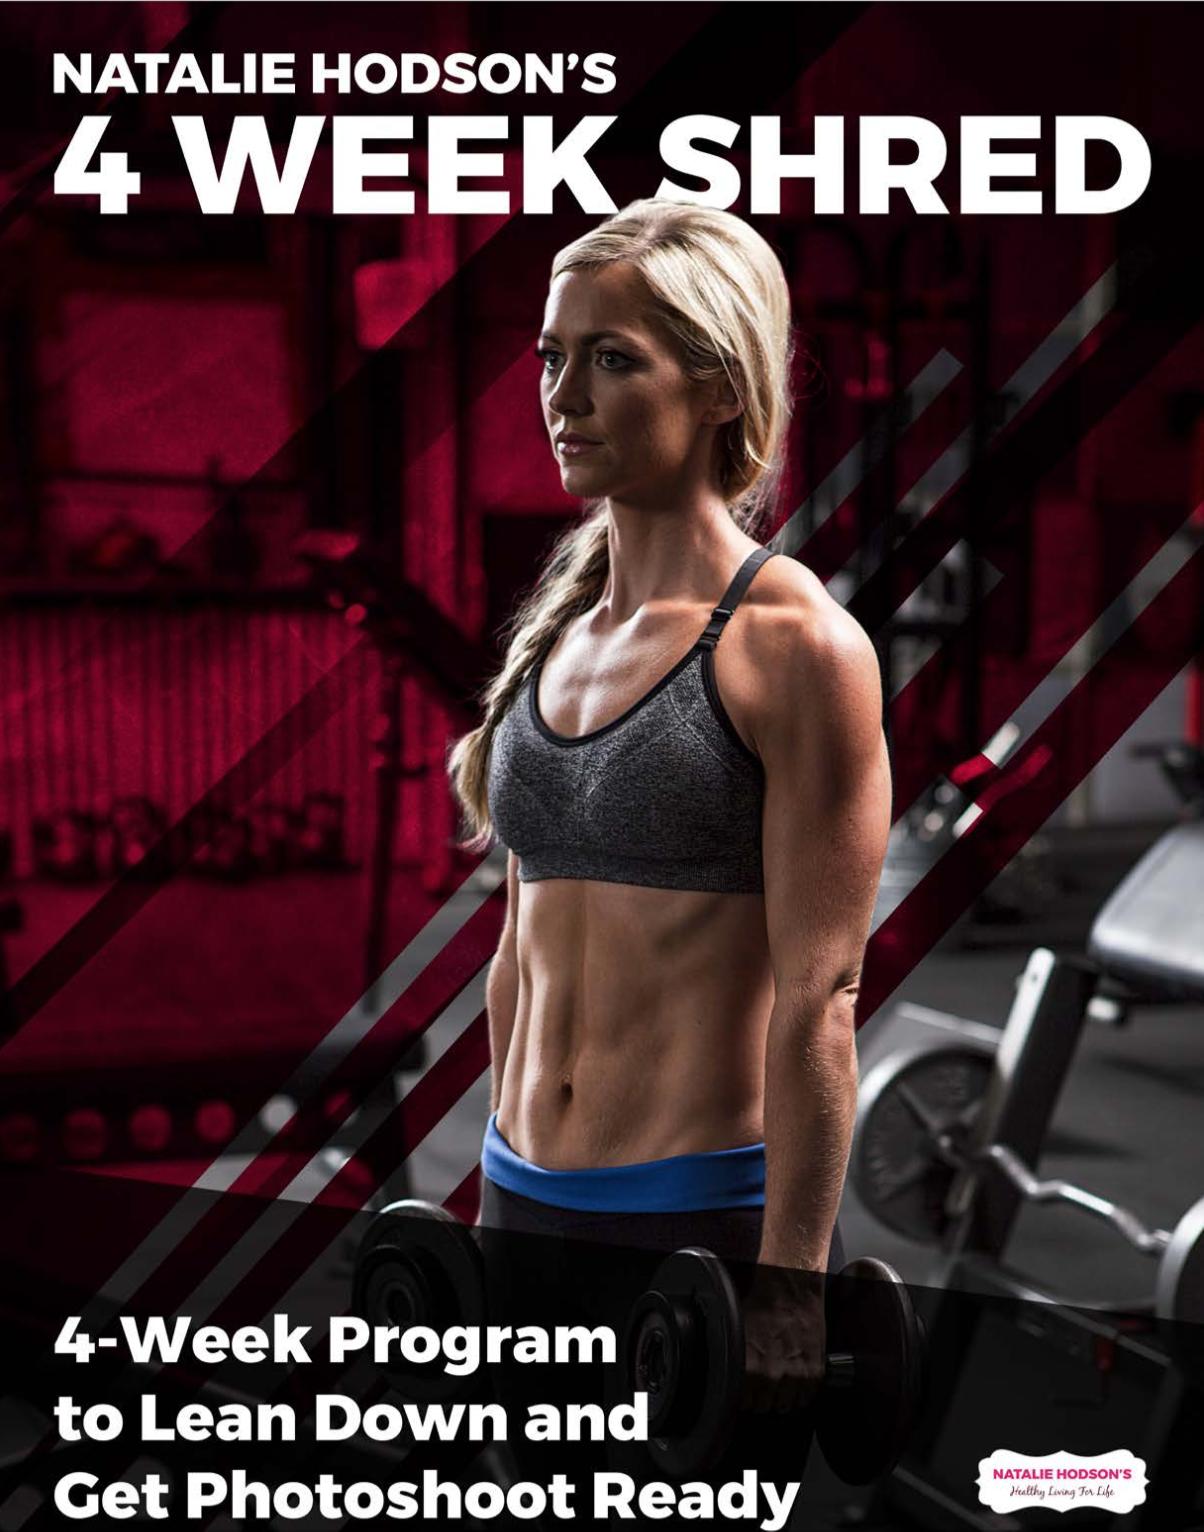 4 week shred cover img